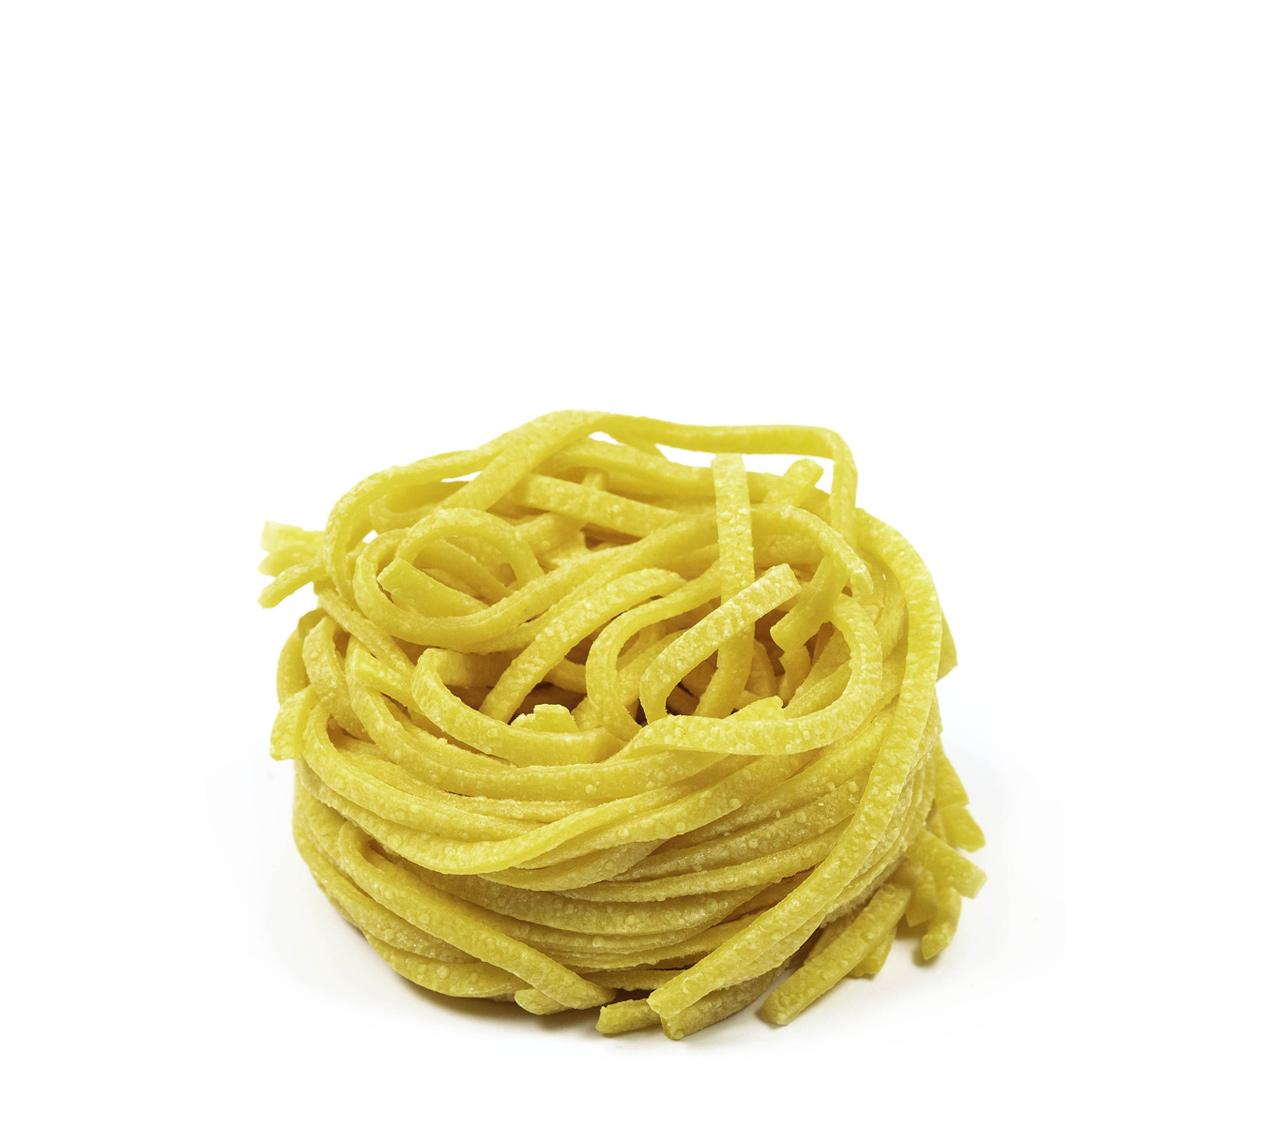 Pastificio_La_Fenice_pasta_fresca_pasta_surgelata_tagliolini_artigianali